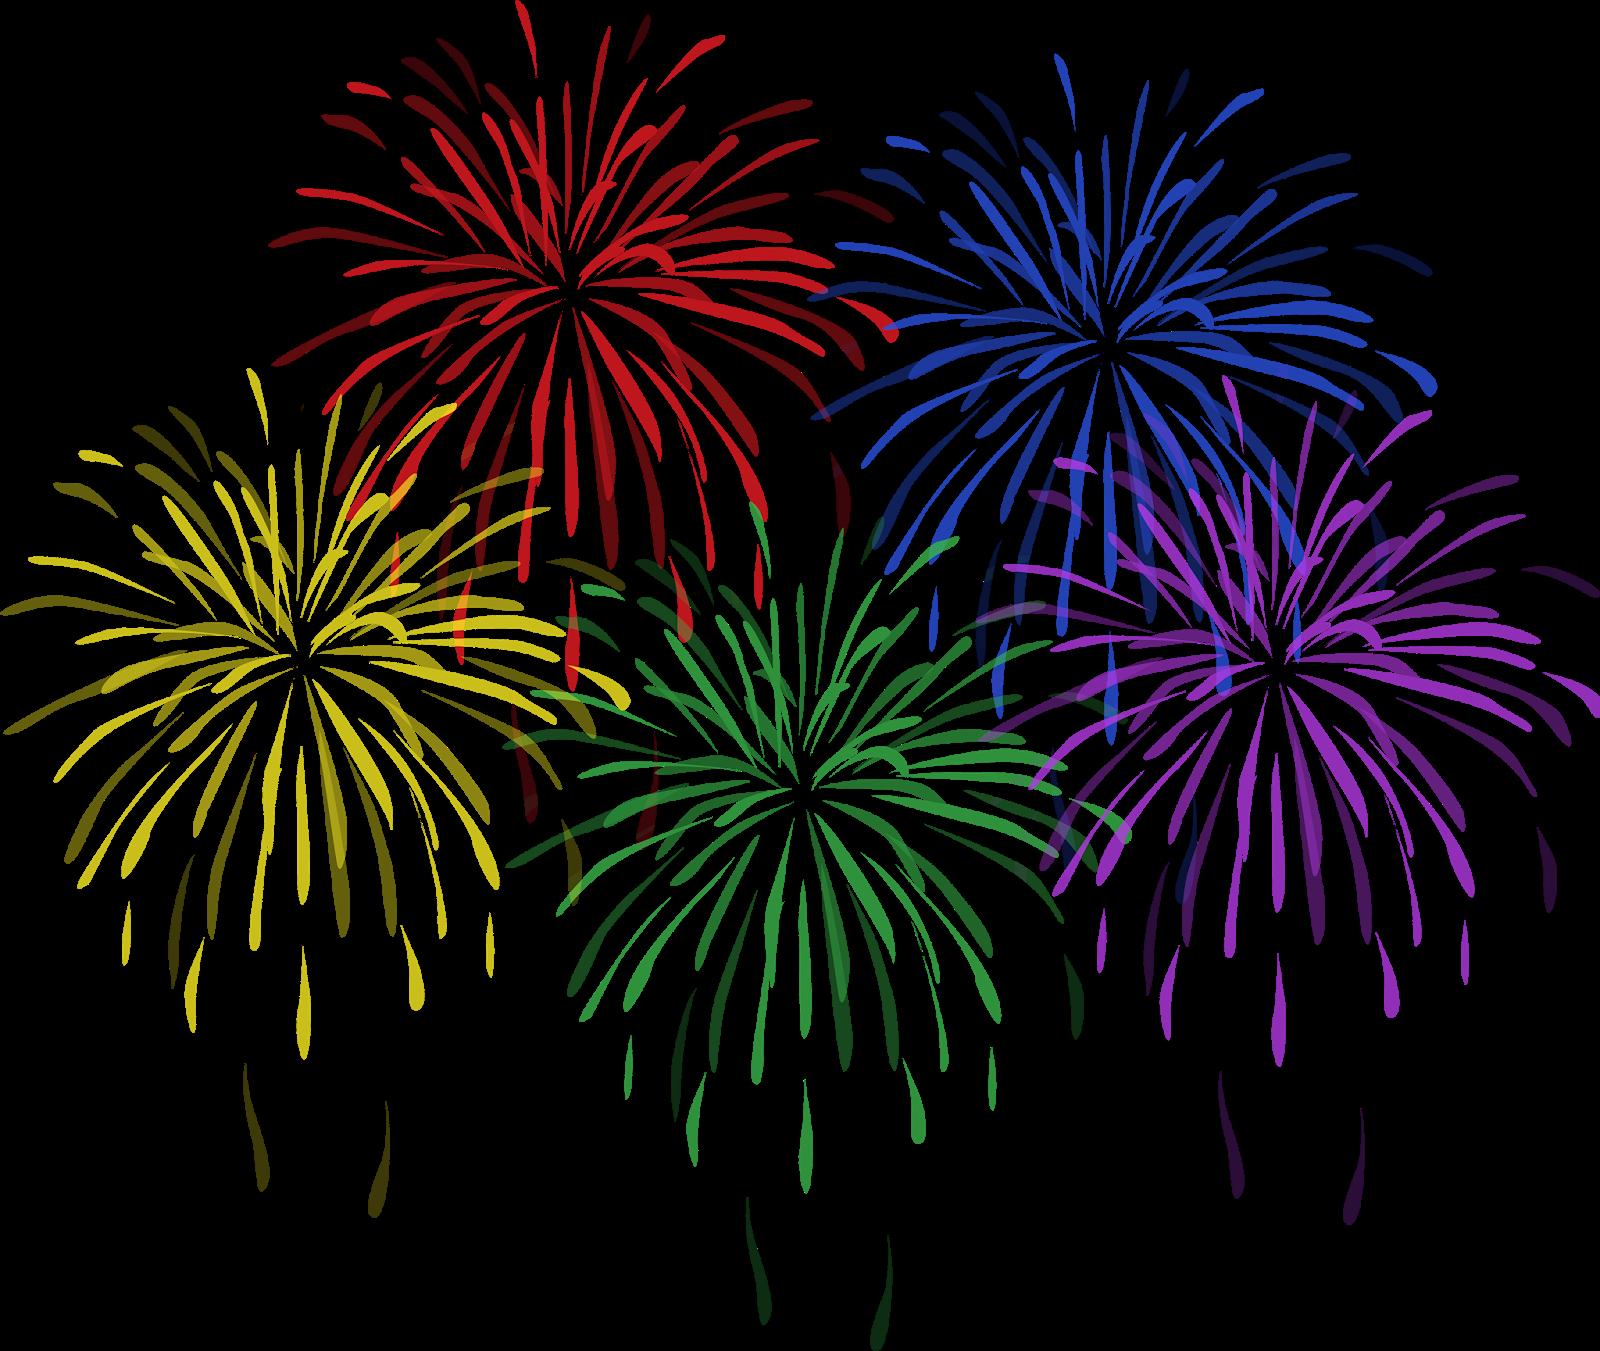 New year s fireworks. Firecracker clipart festival